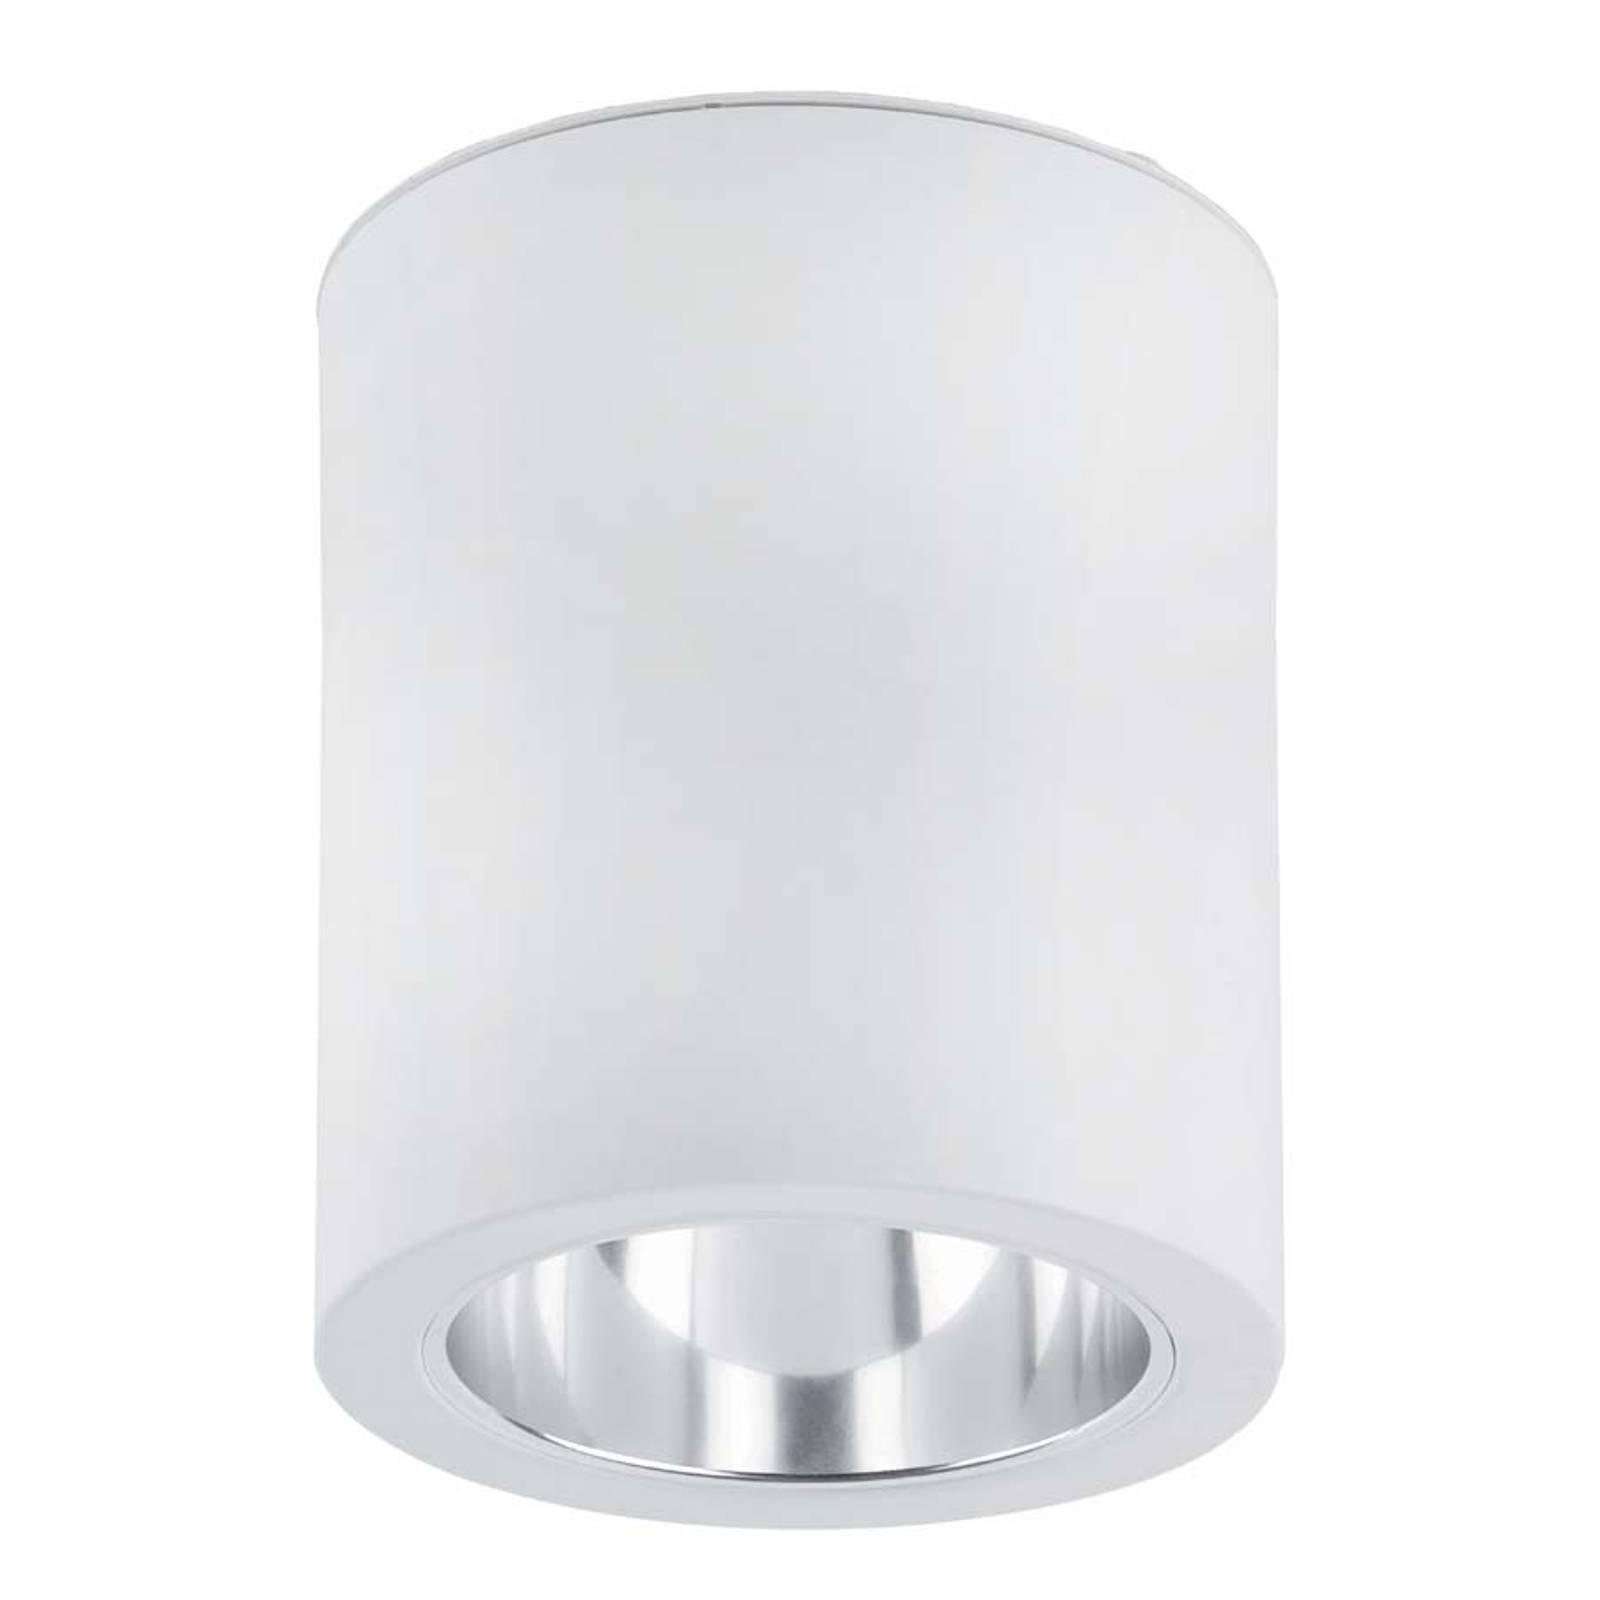 Estetisk hvite Pote-1 taklampe i aluminium